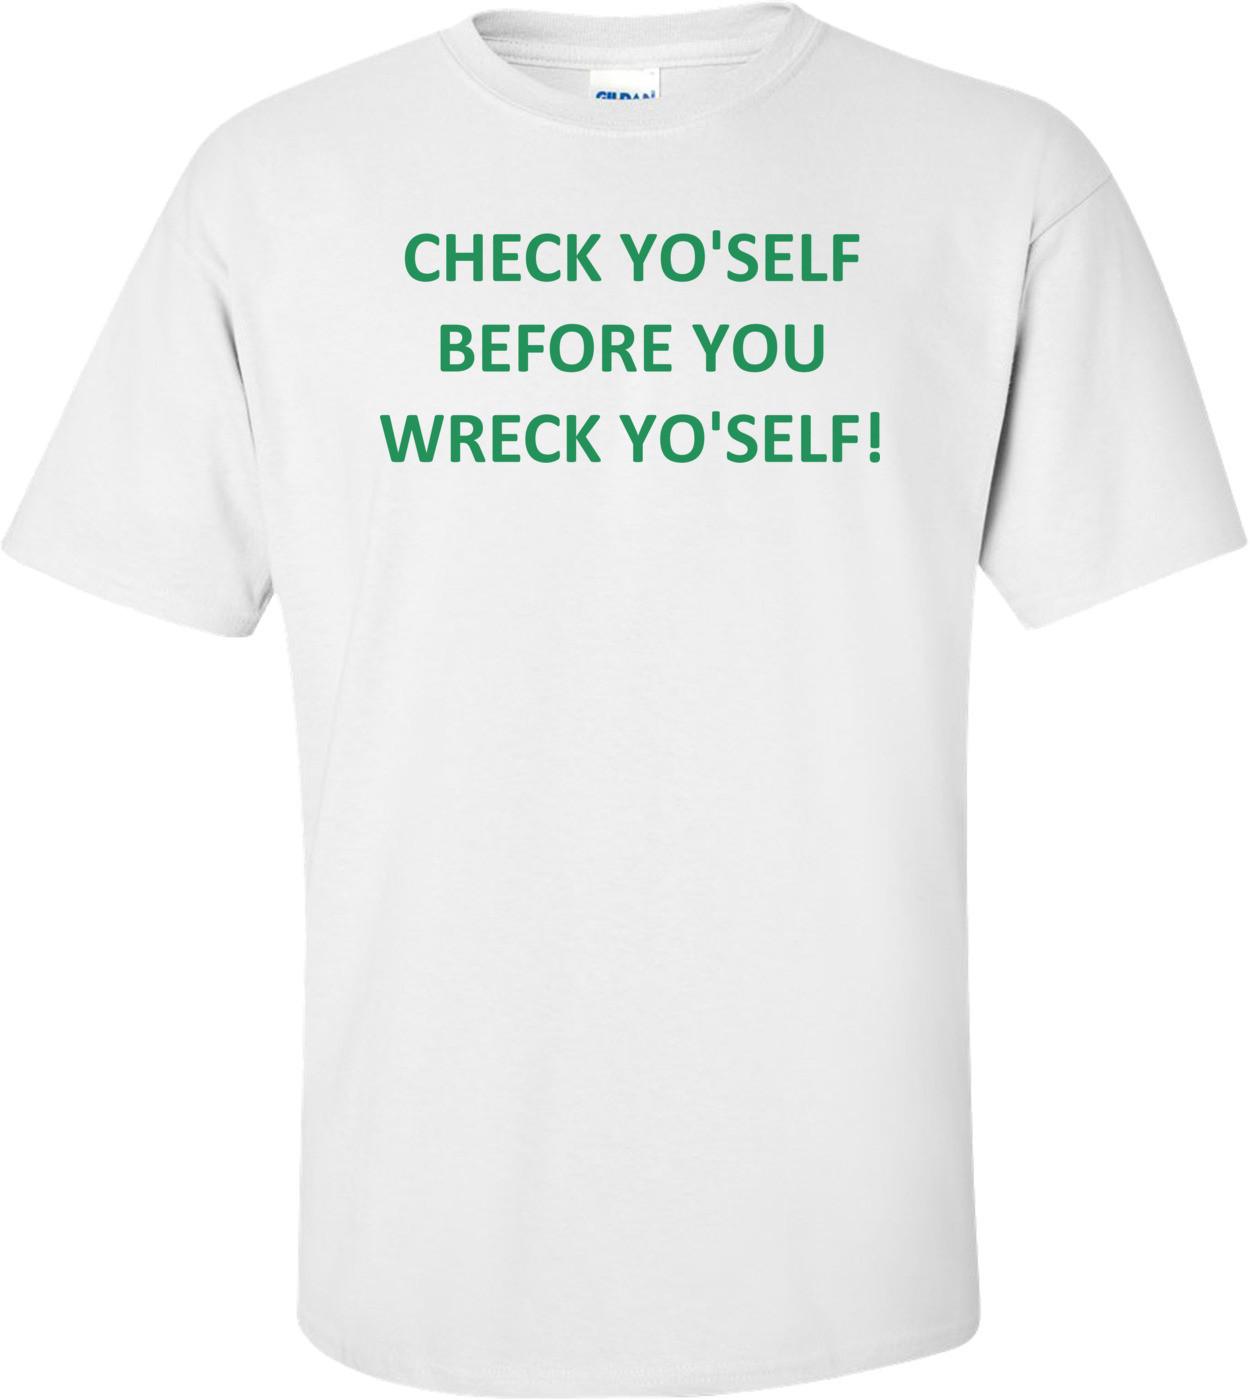 CHECK YO'SELF BEFORE YOU WRECK YO'SELF! Shirt